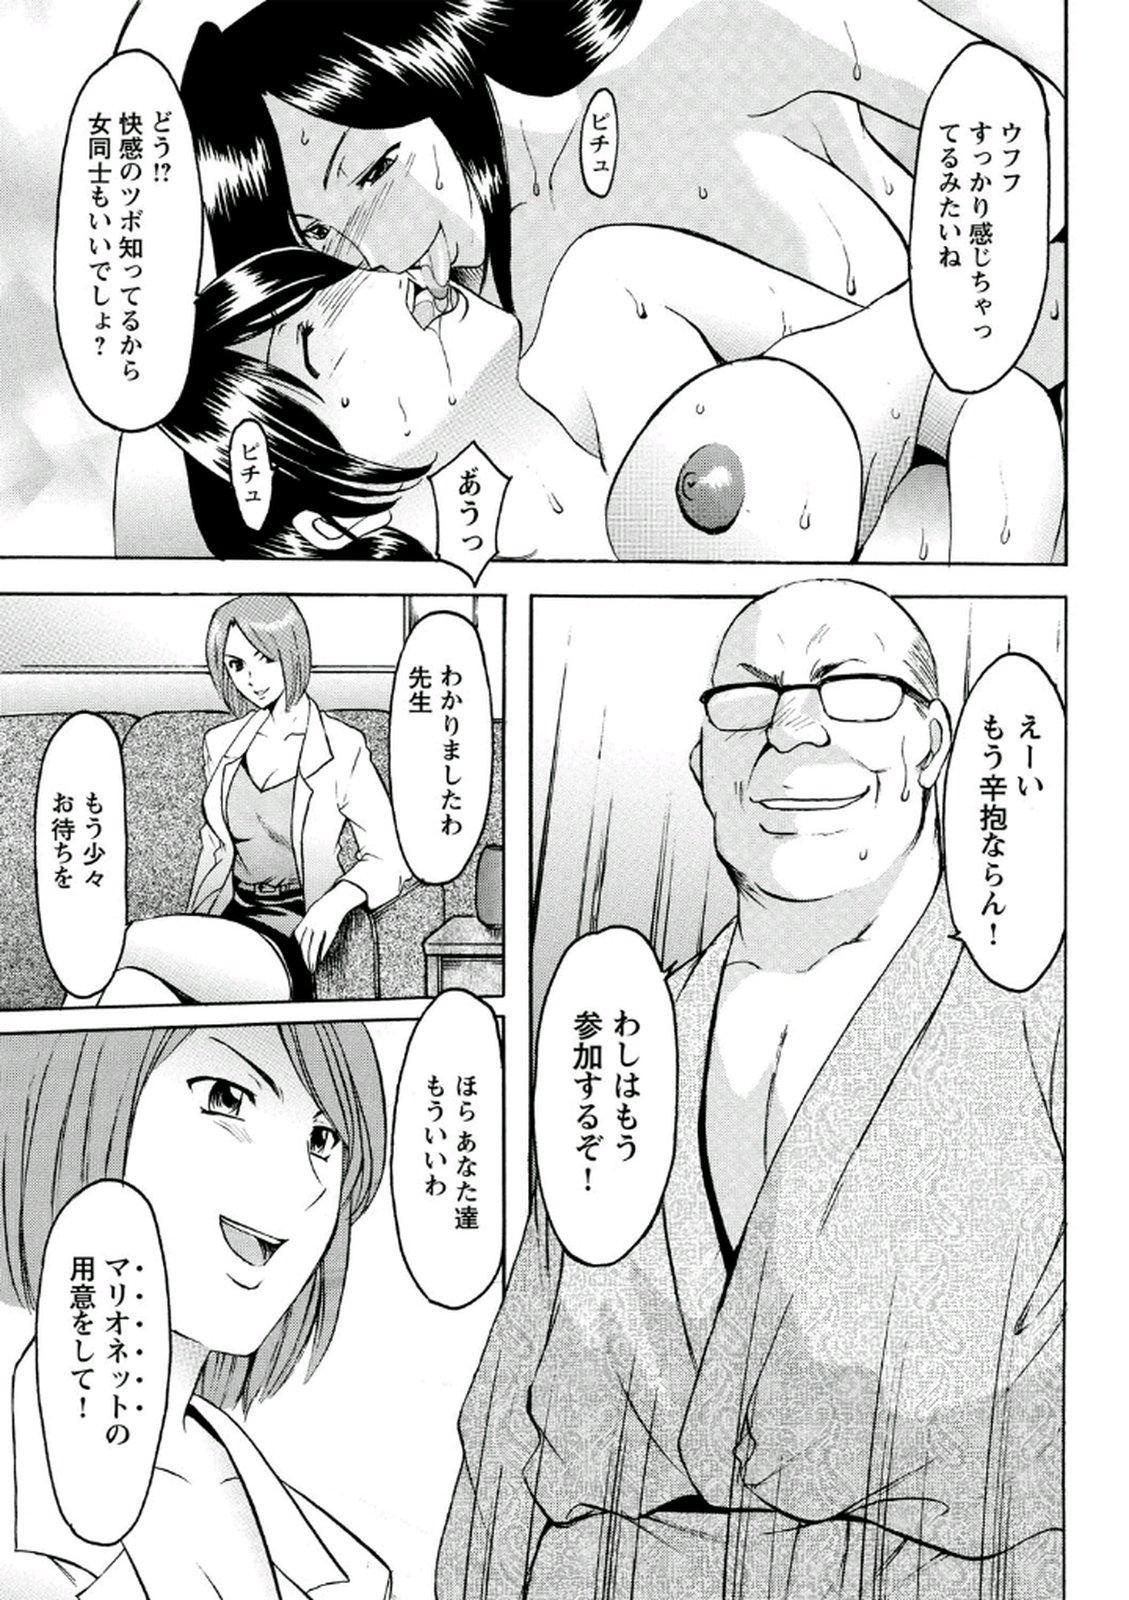 Chijoku Byoutou 102